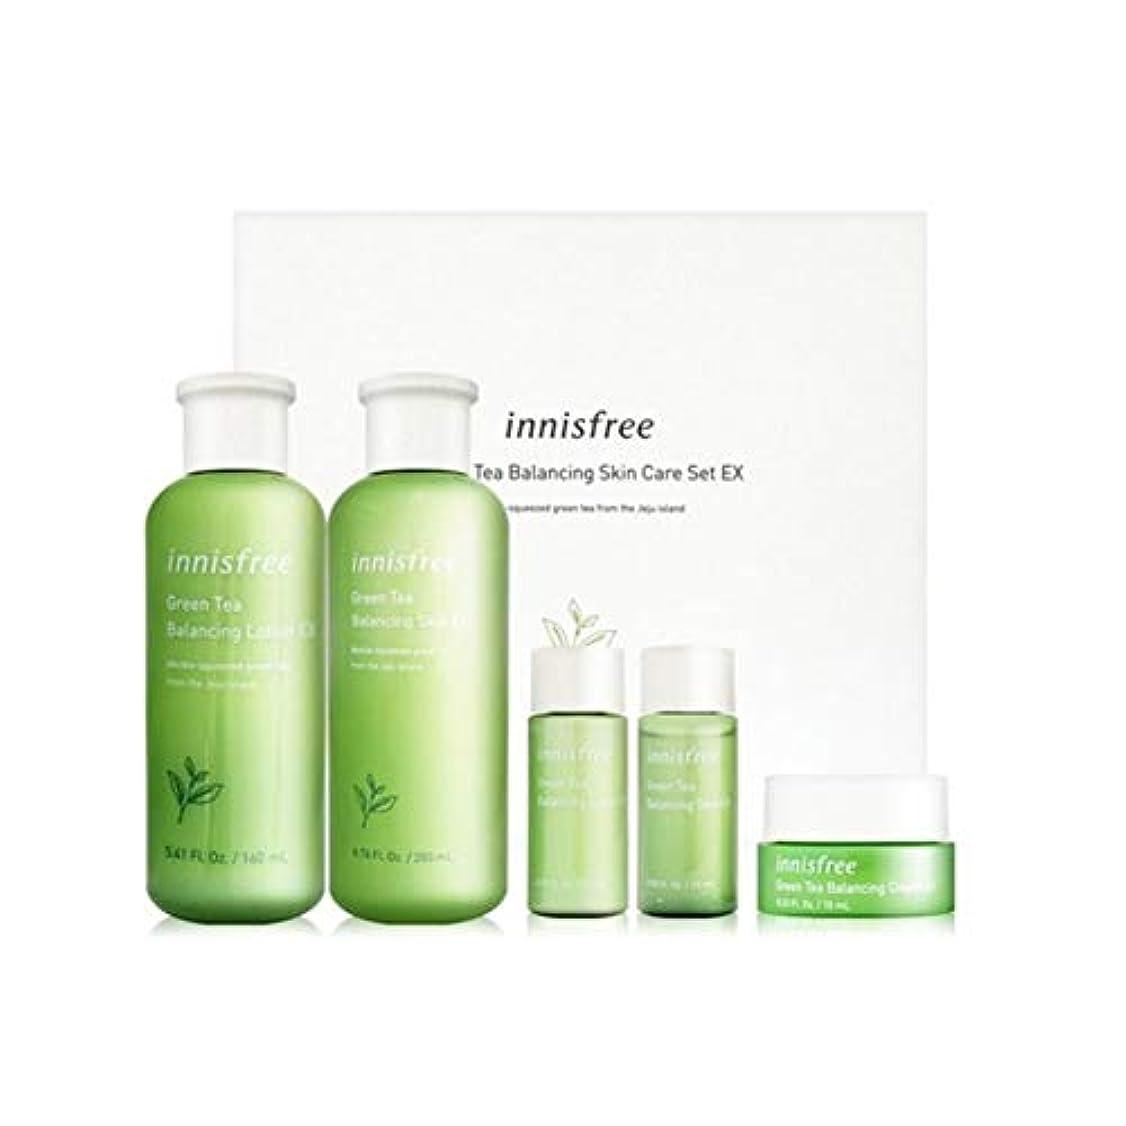 口ひげビーム胴体イニスフリーグリーンティーバランシングスキンケアセットの水分ケア韓国コスメ、innisfree Green Tea Balancing Skin Care Set Korean Cosmetics [並行輸入品]